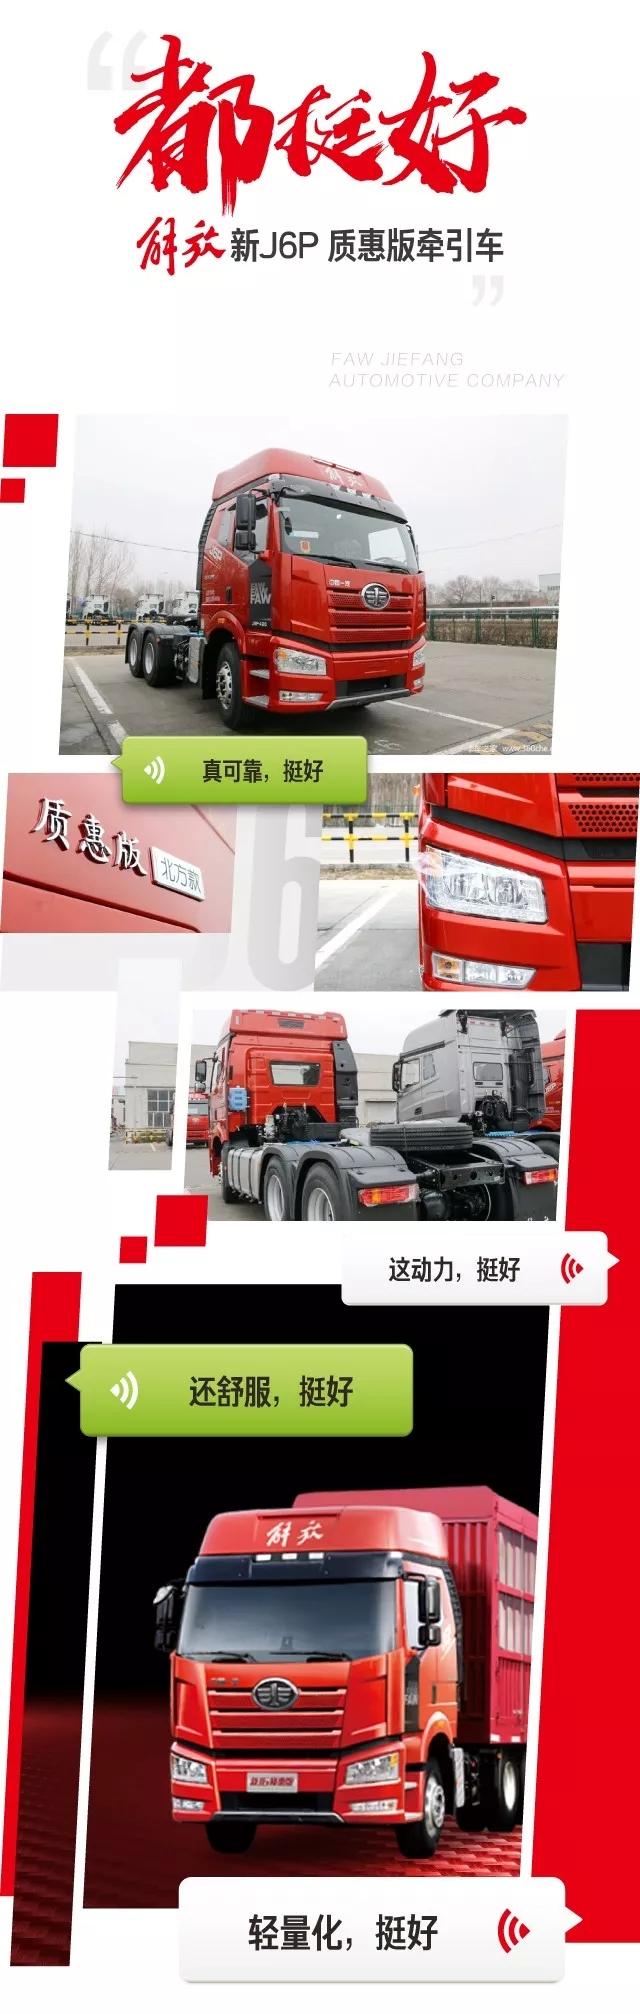 解放新J6P (1)